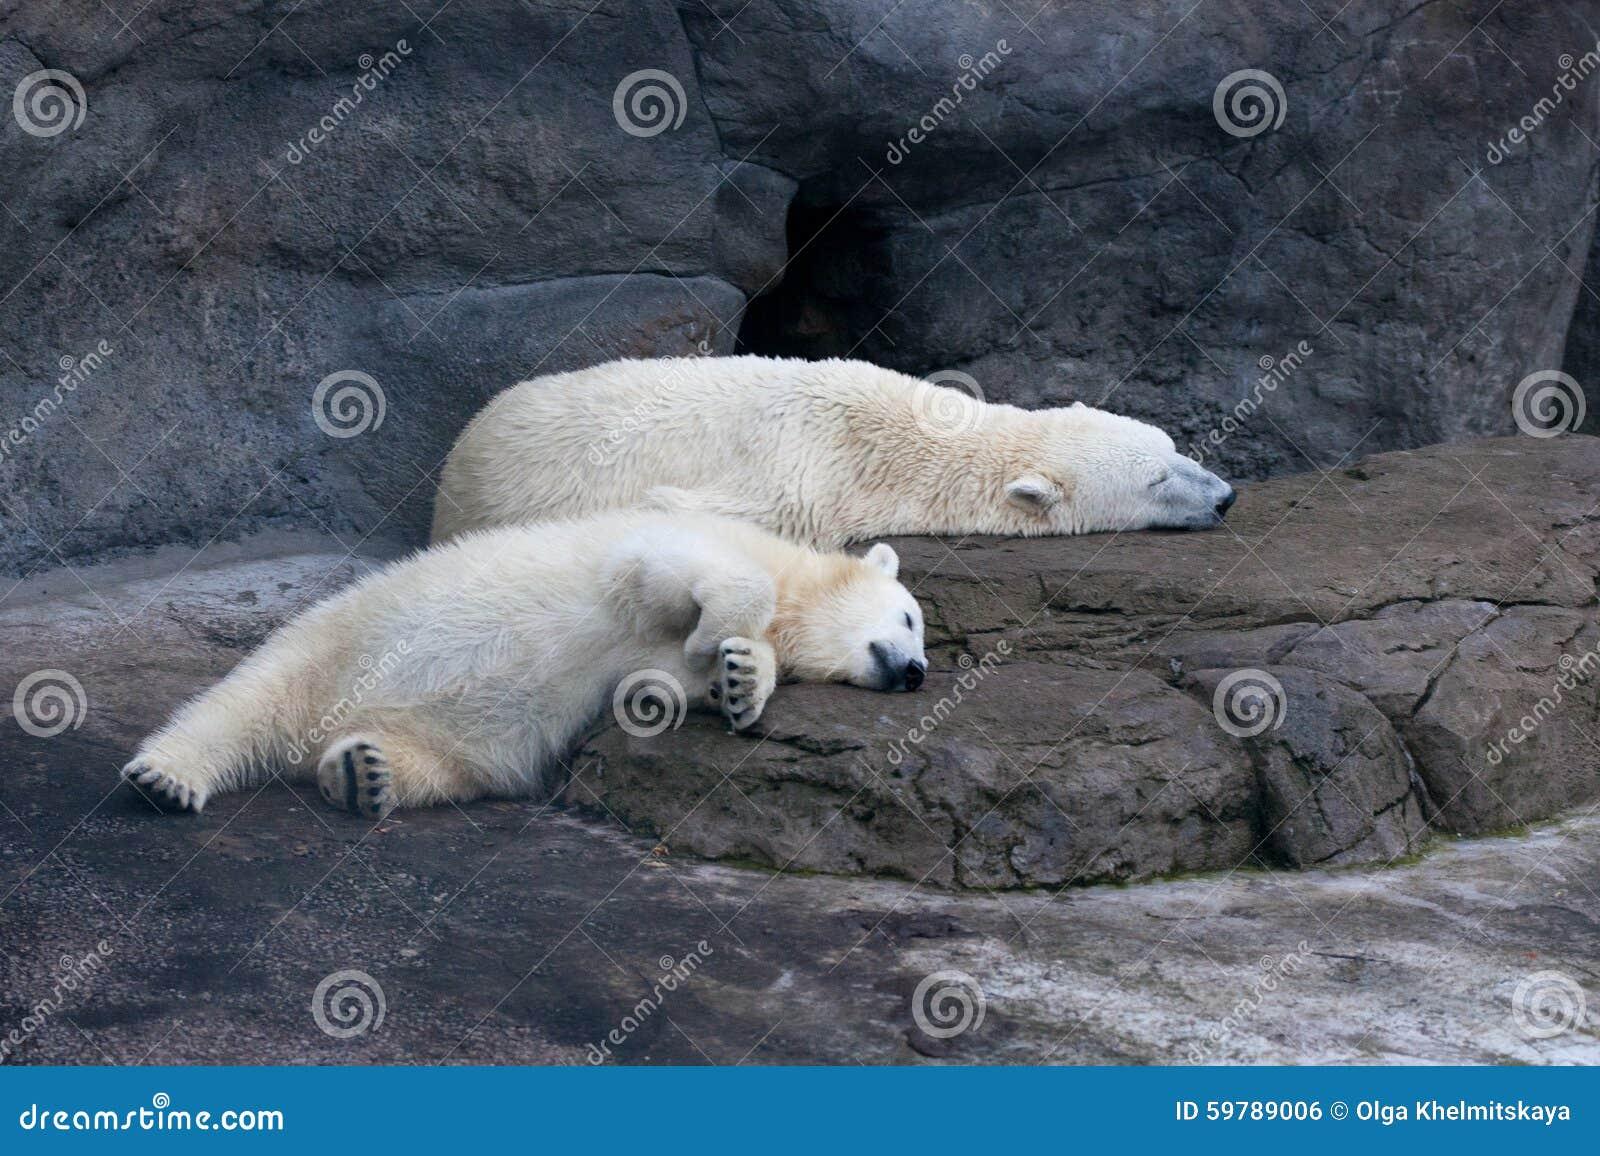 睡觉在蚂蚁的北极熊.岩石矿怎么v蚂蚁矿工图片